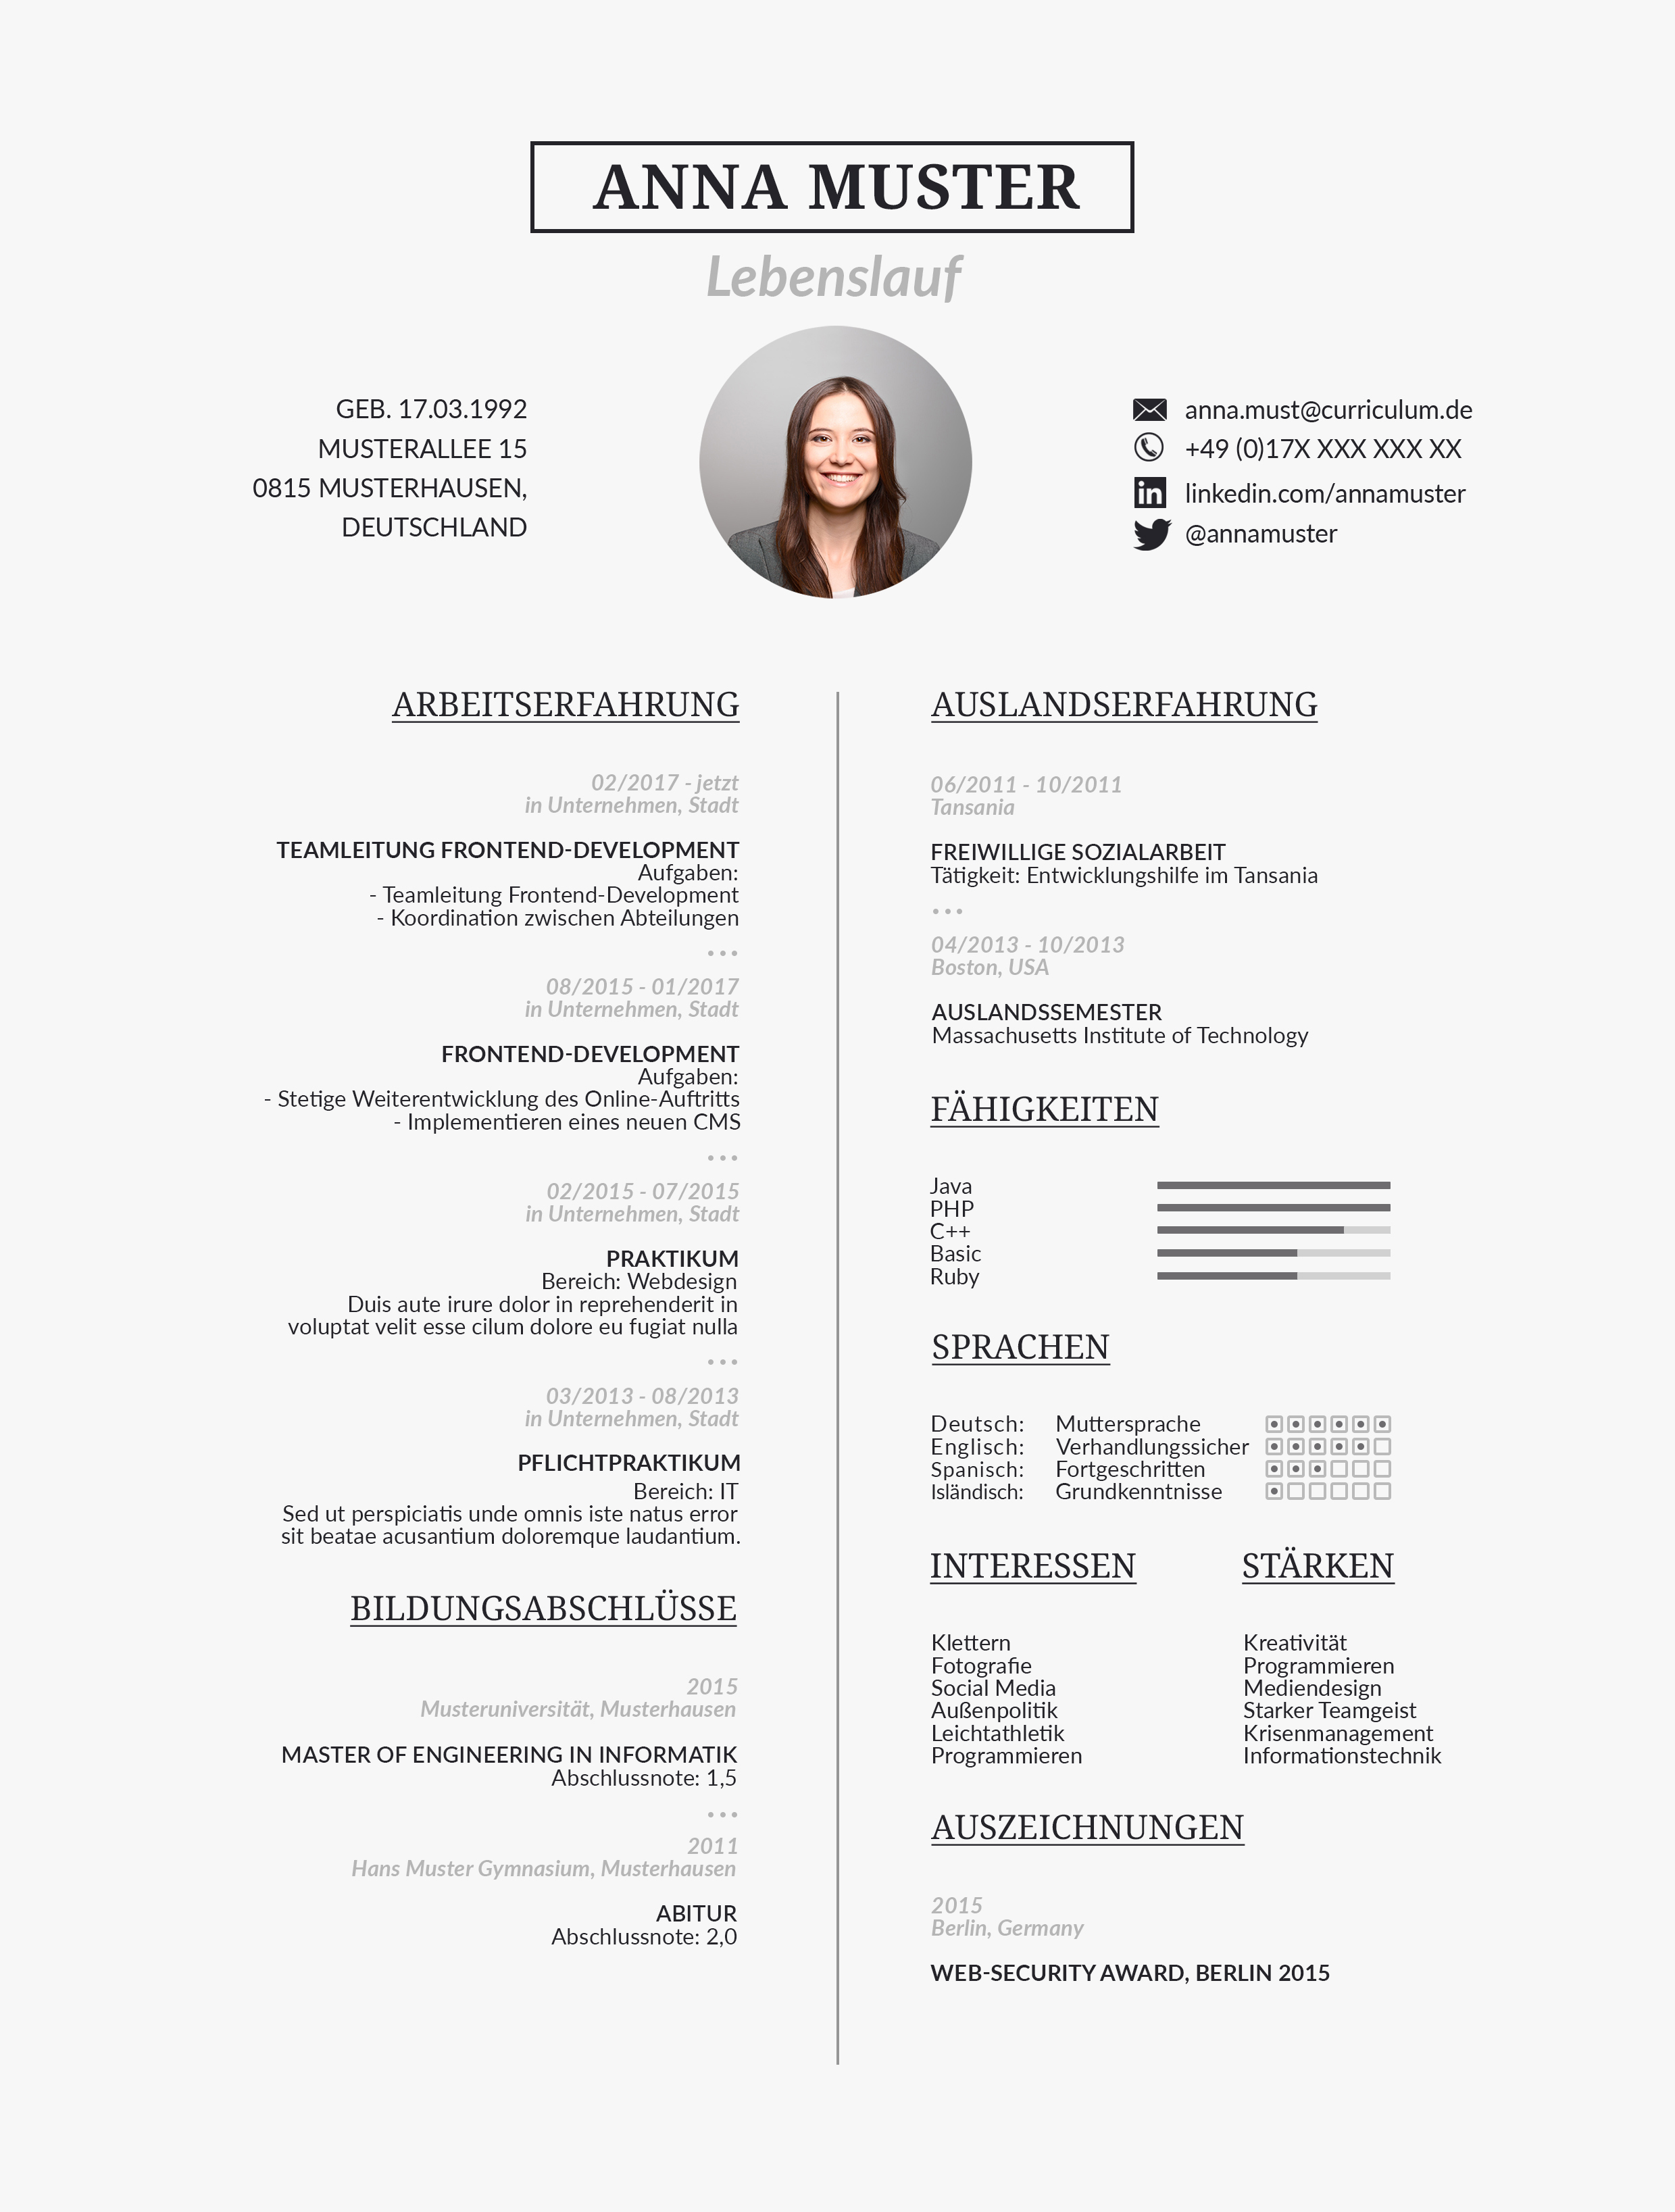 designvorlage fr einen lebenslauf - Inhalt Lebenslauf